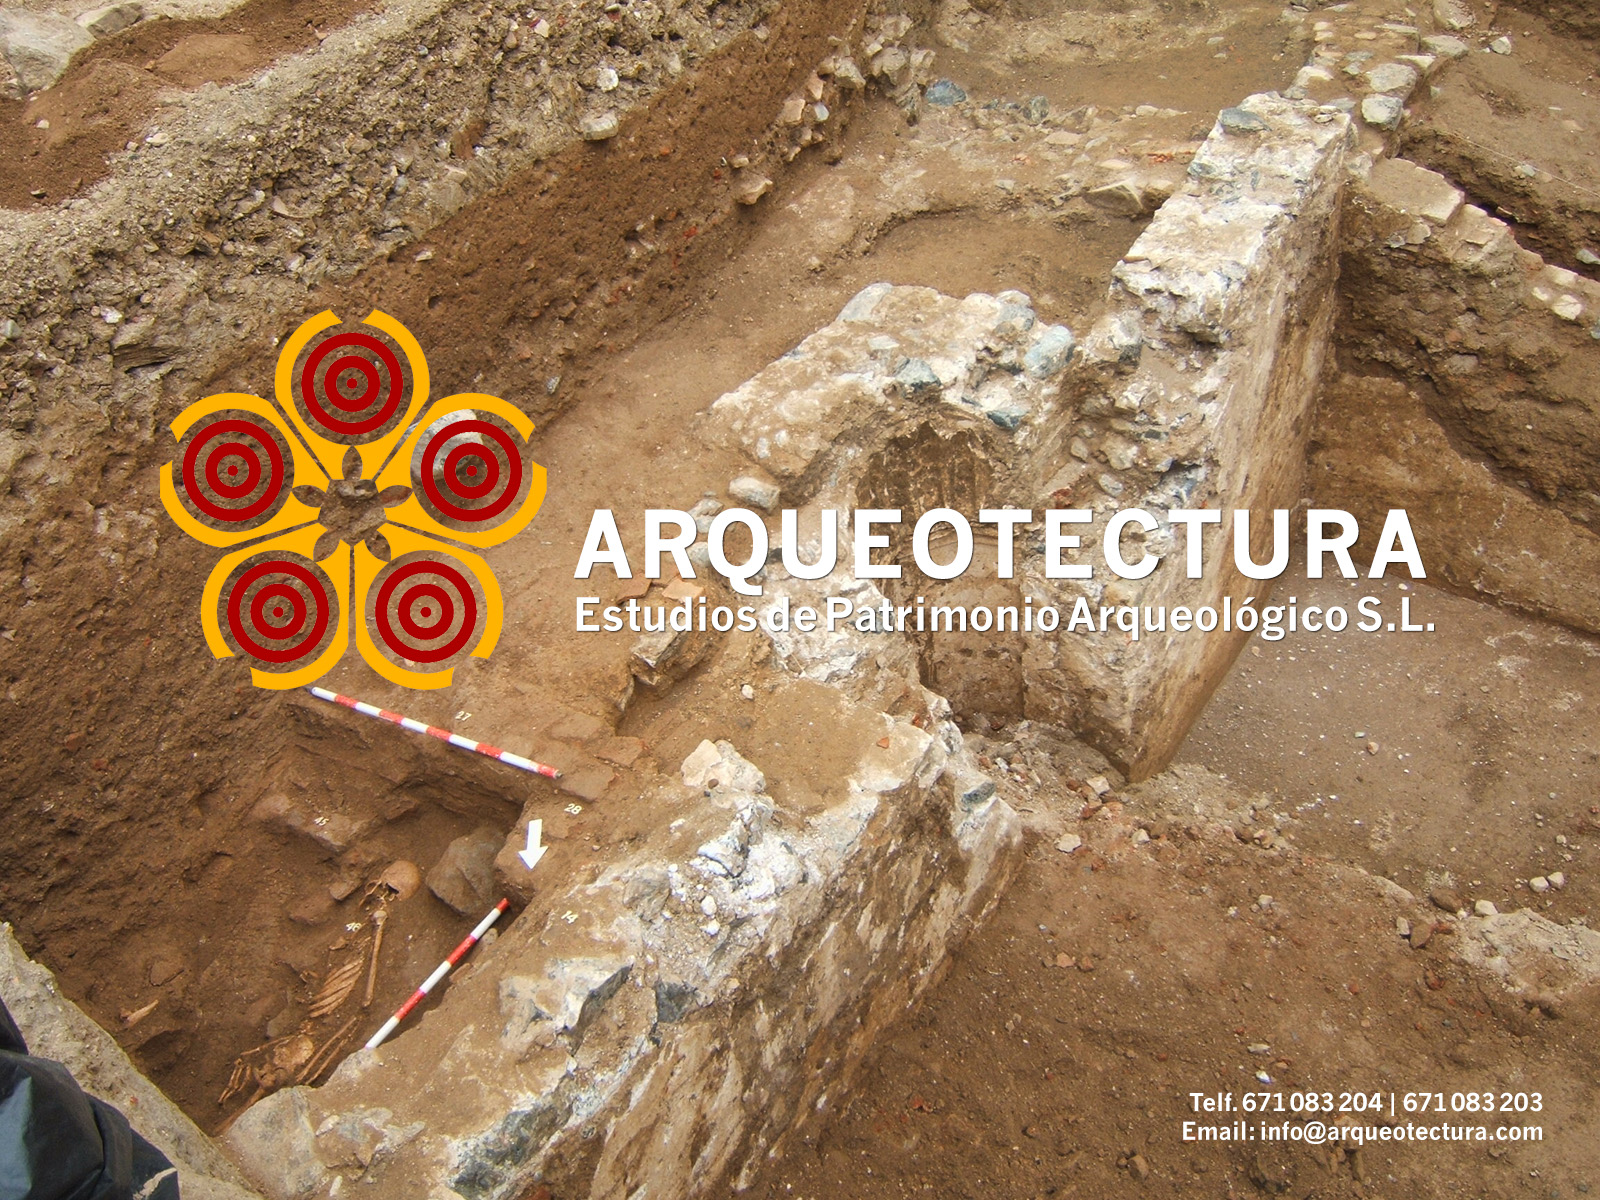 Arqueotectura S.L.